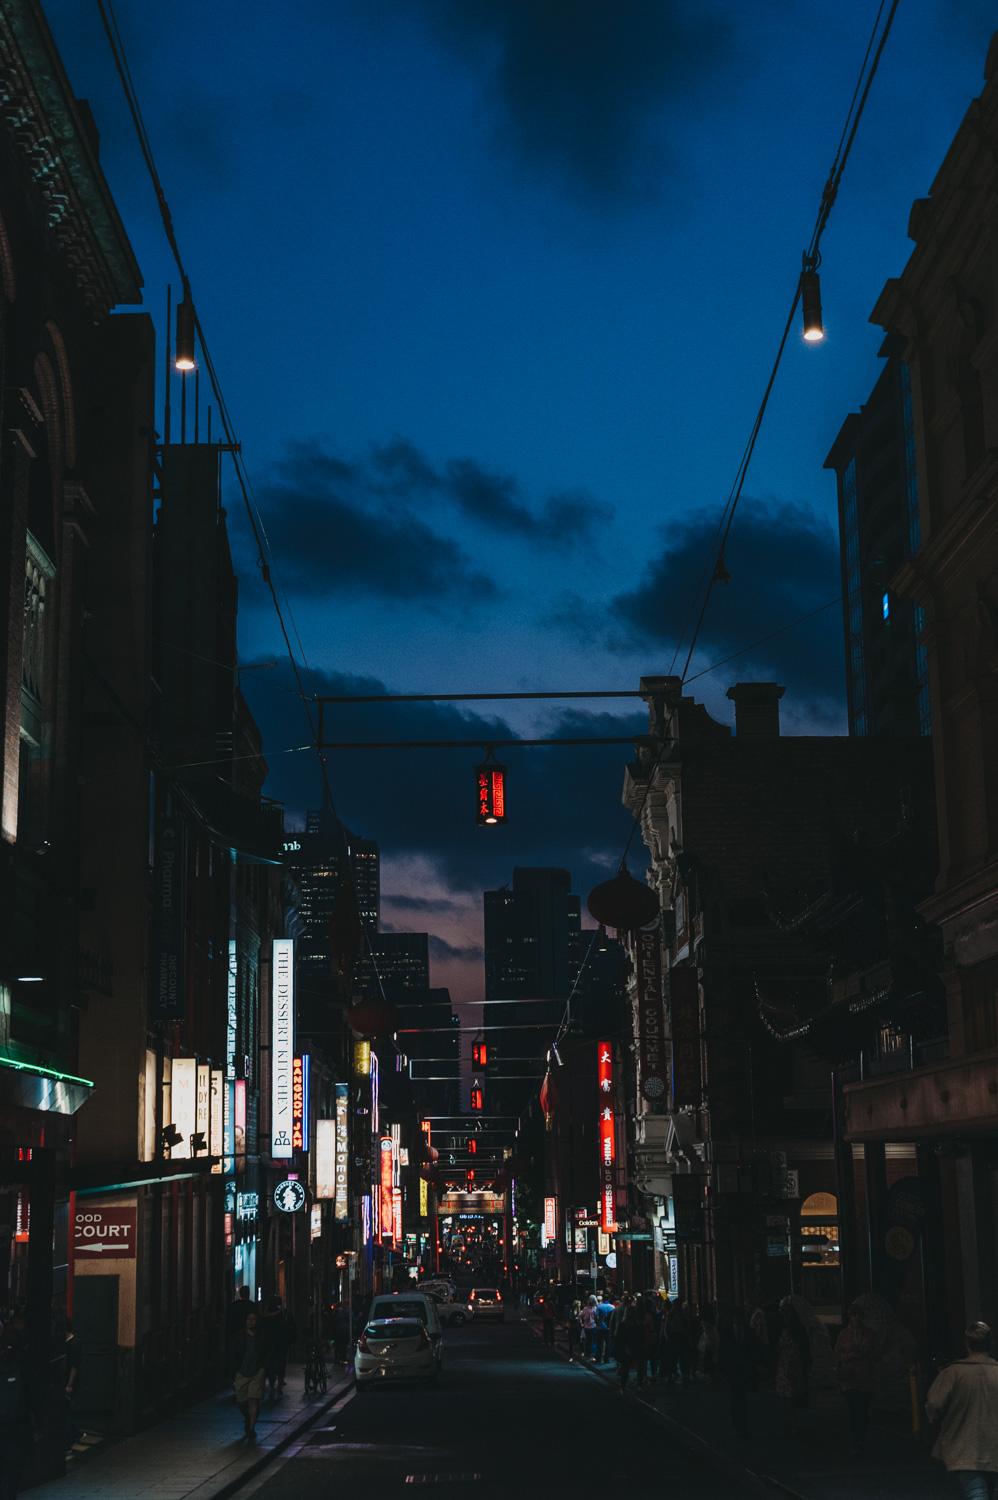 City Street For Web-5.jpg